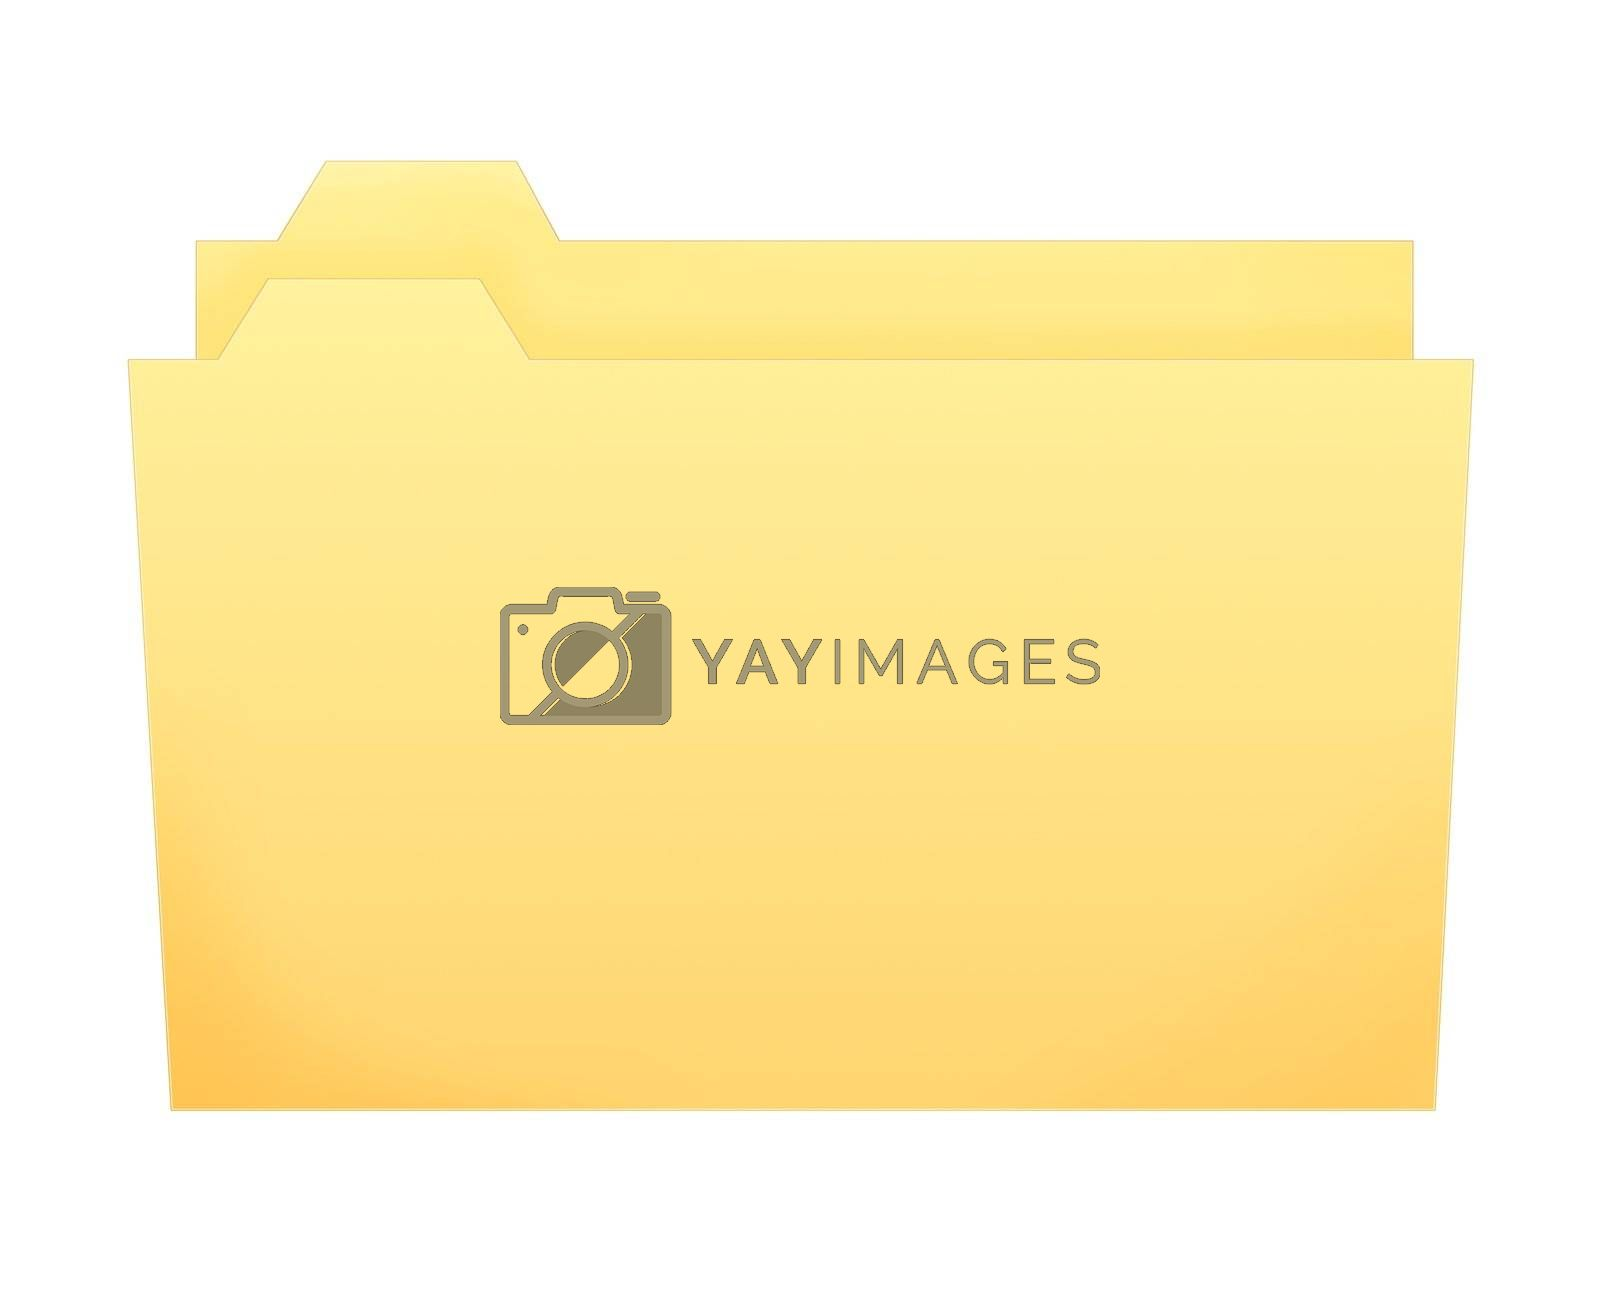 regular yellow folder little open on white background